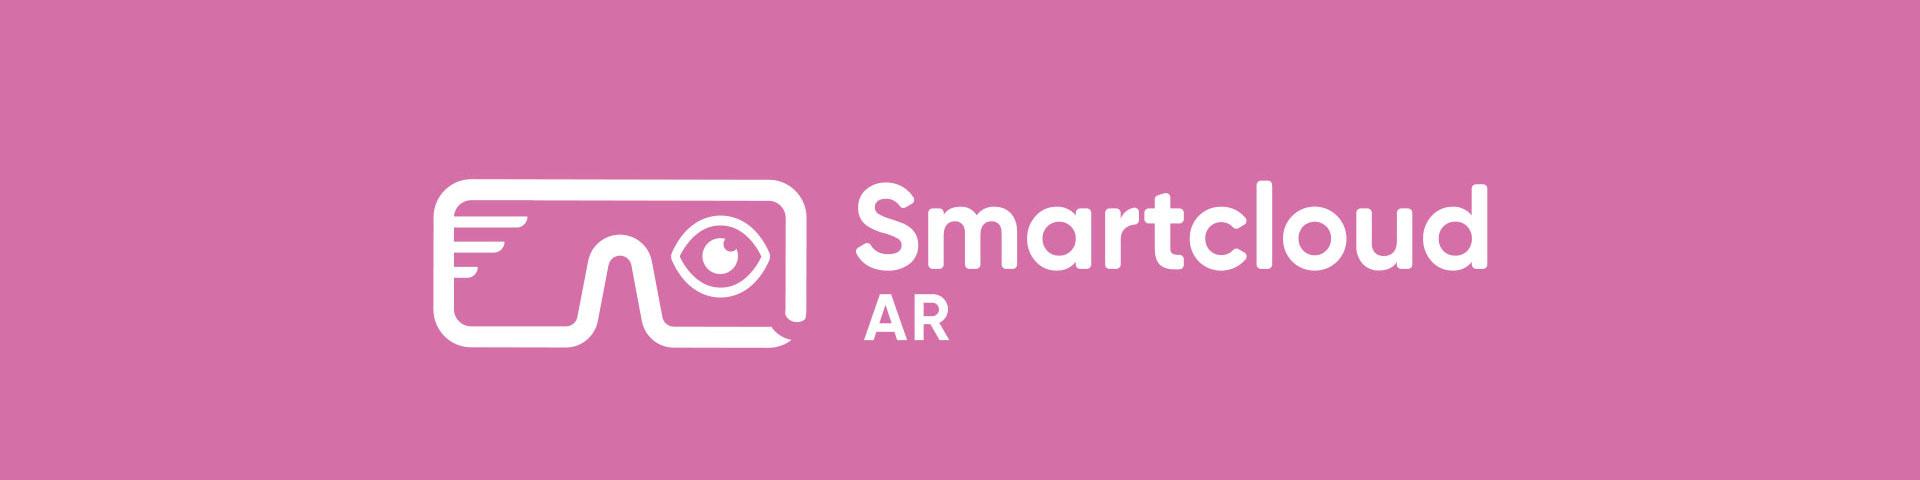 post smartcloud ar 1